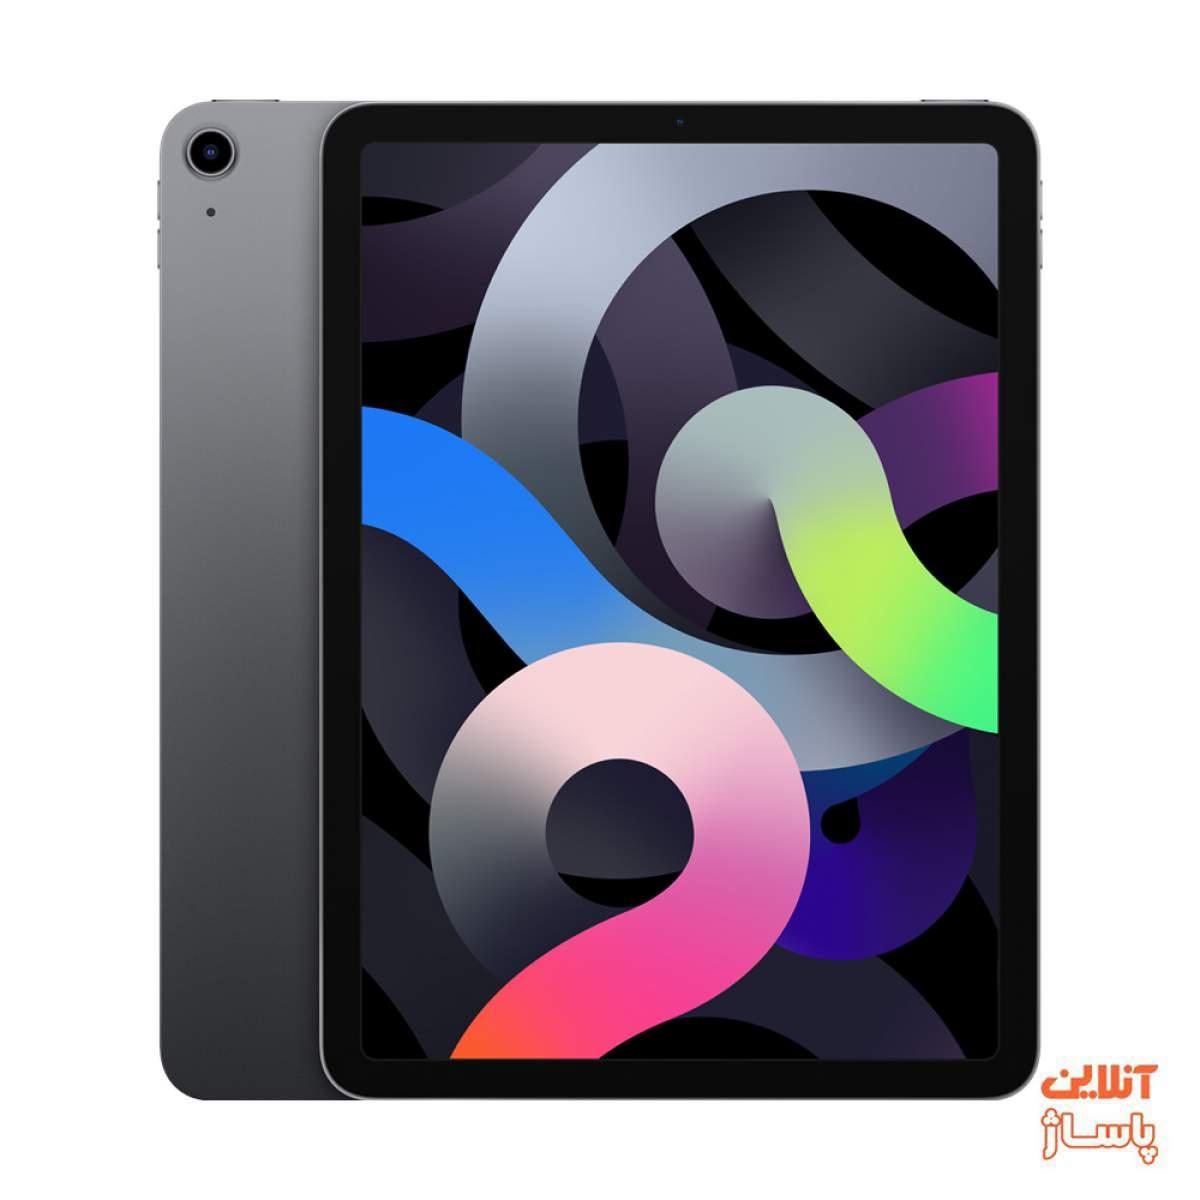 تبلت اپل مدل iPad Air 2020 Wi-Fi ظرفیت 64 گیگابایت